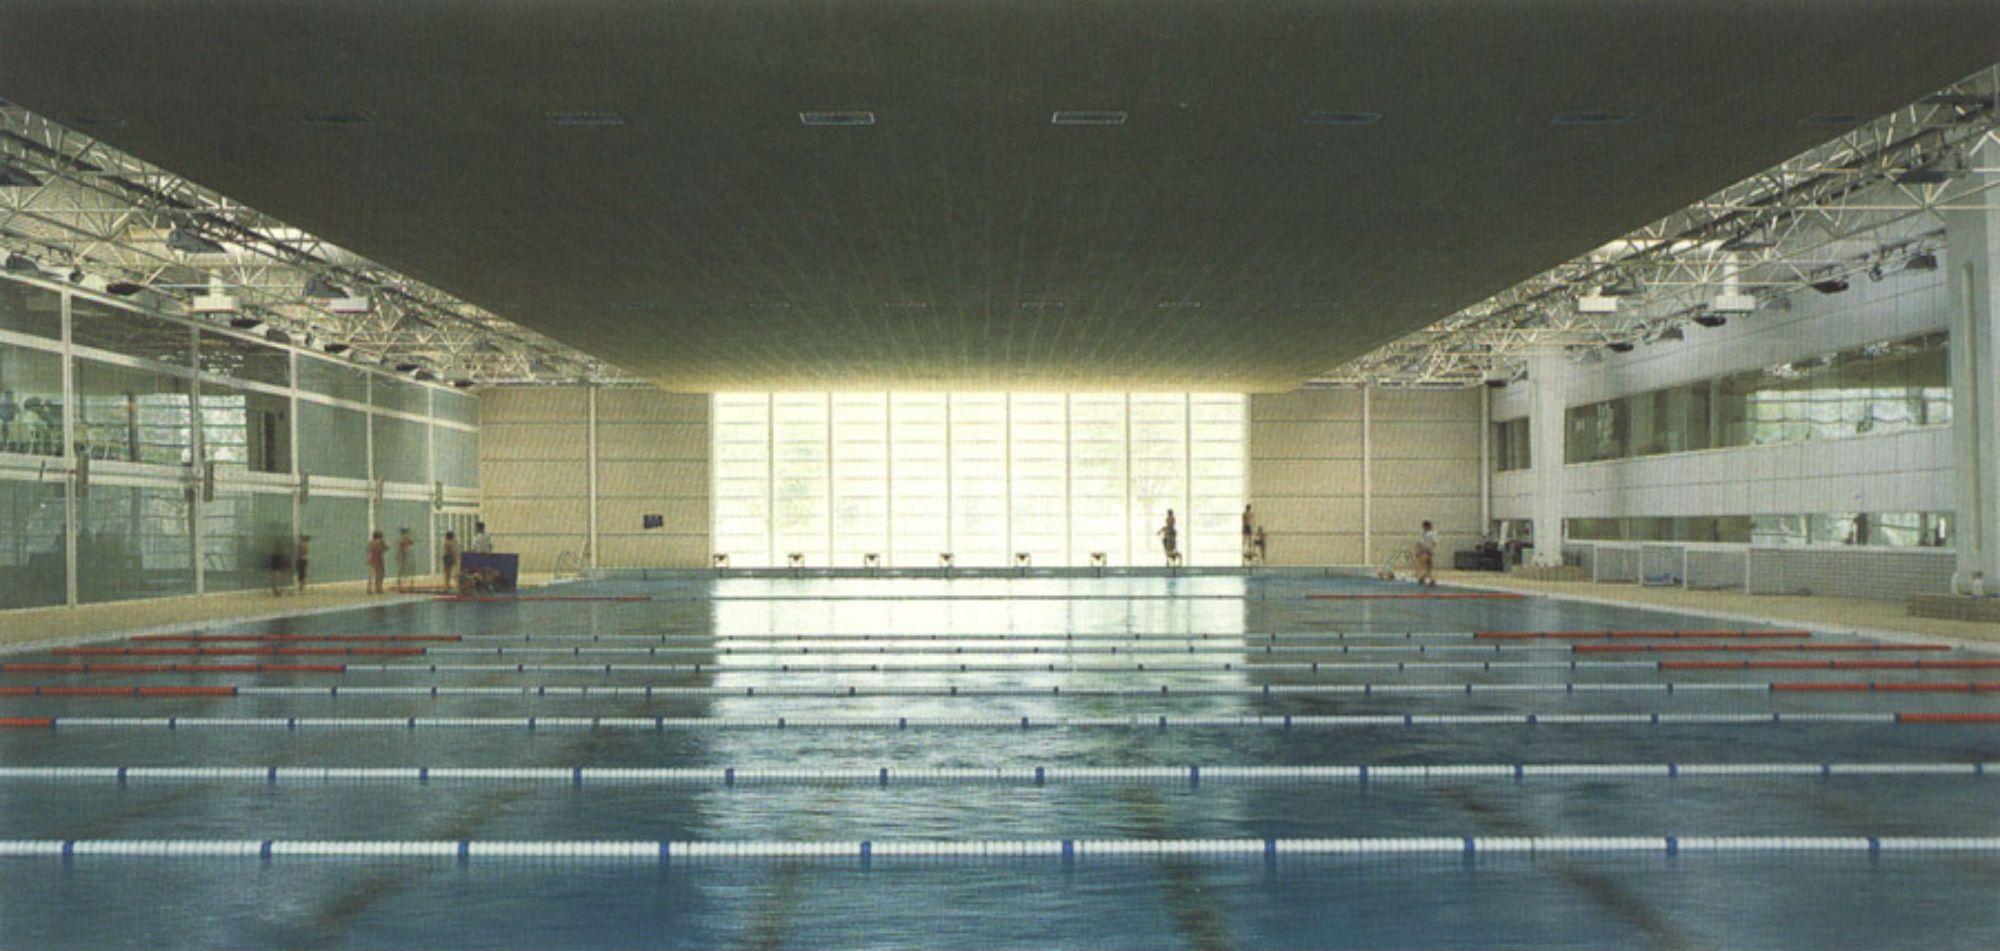 Picornell una piscina nudista a tiempo parcial for Piscines picornell